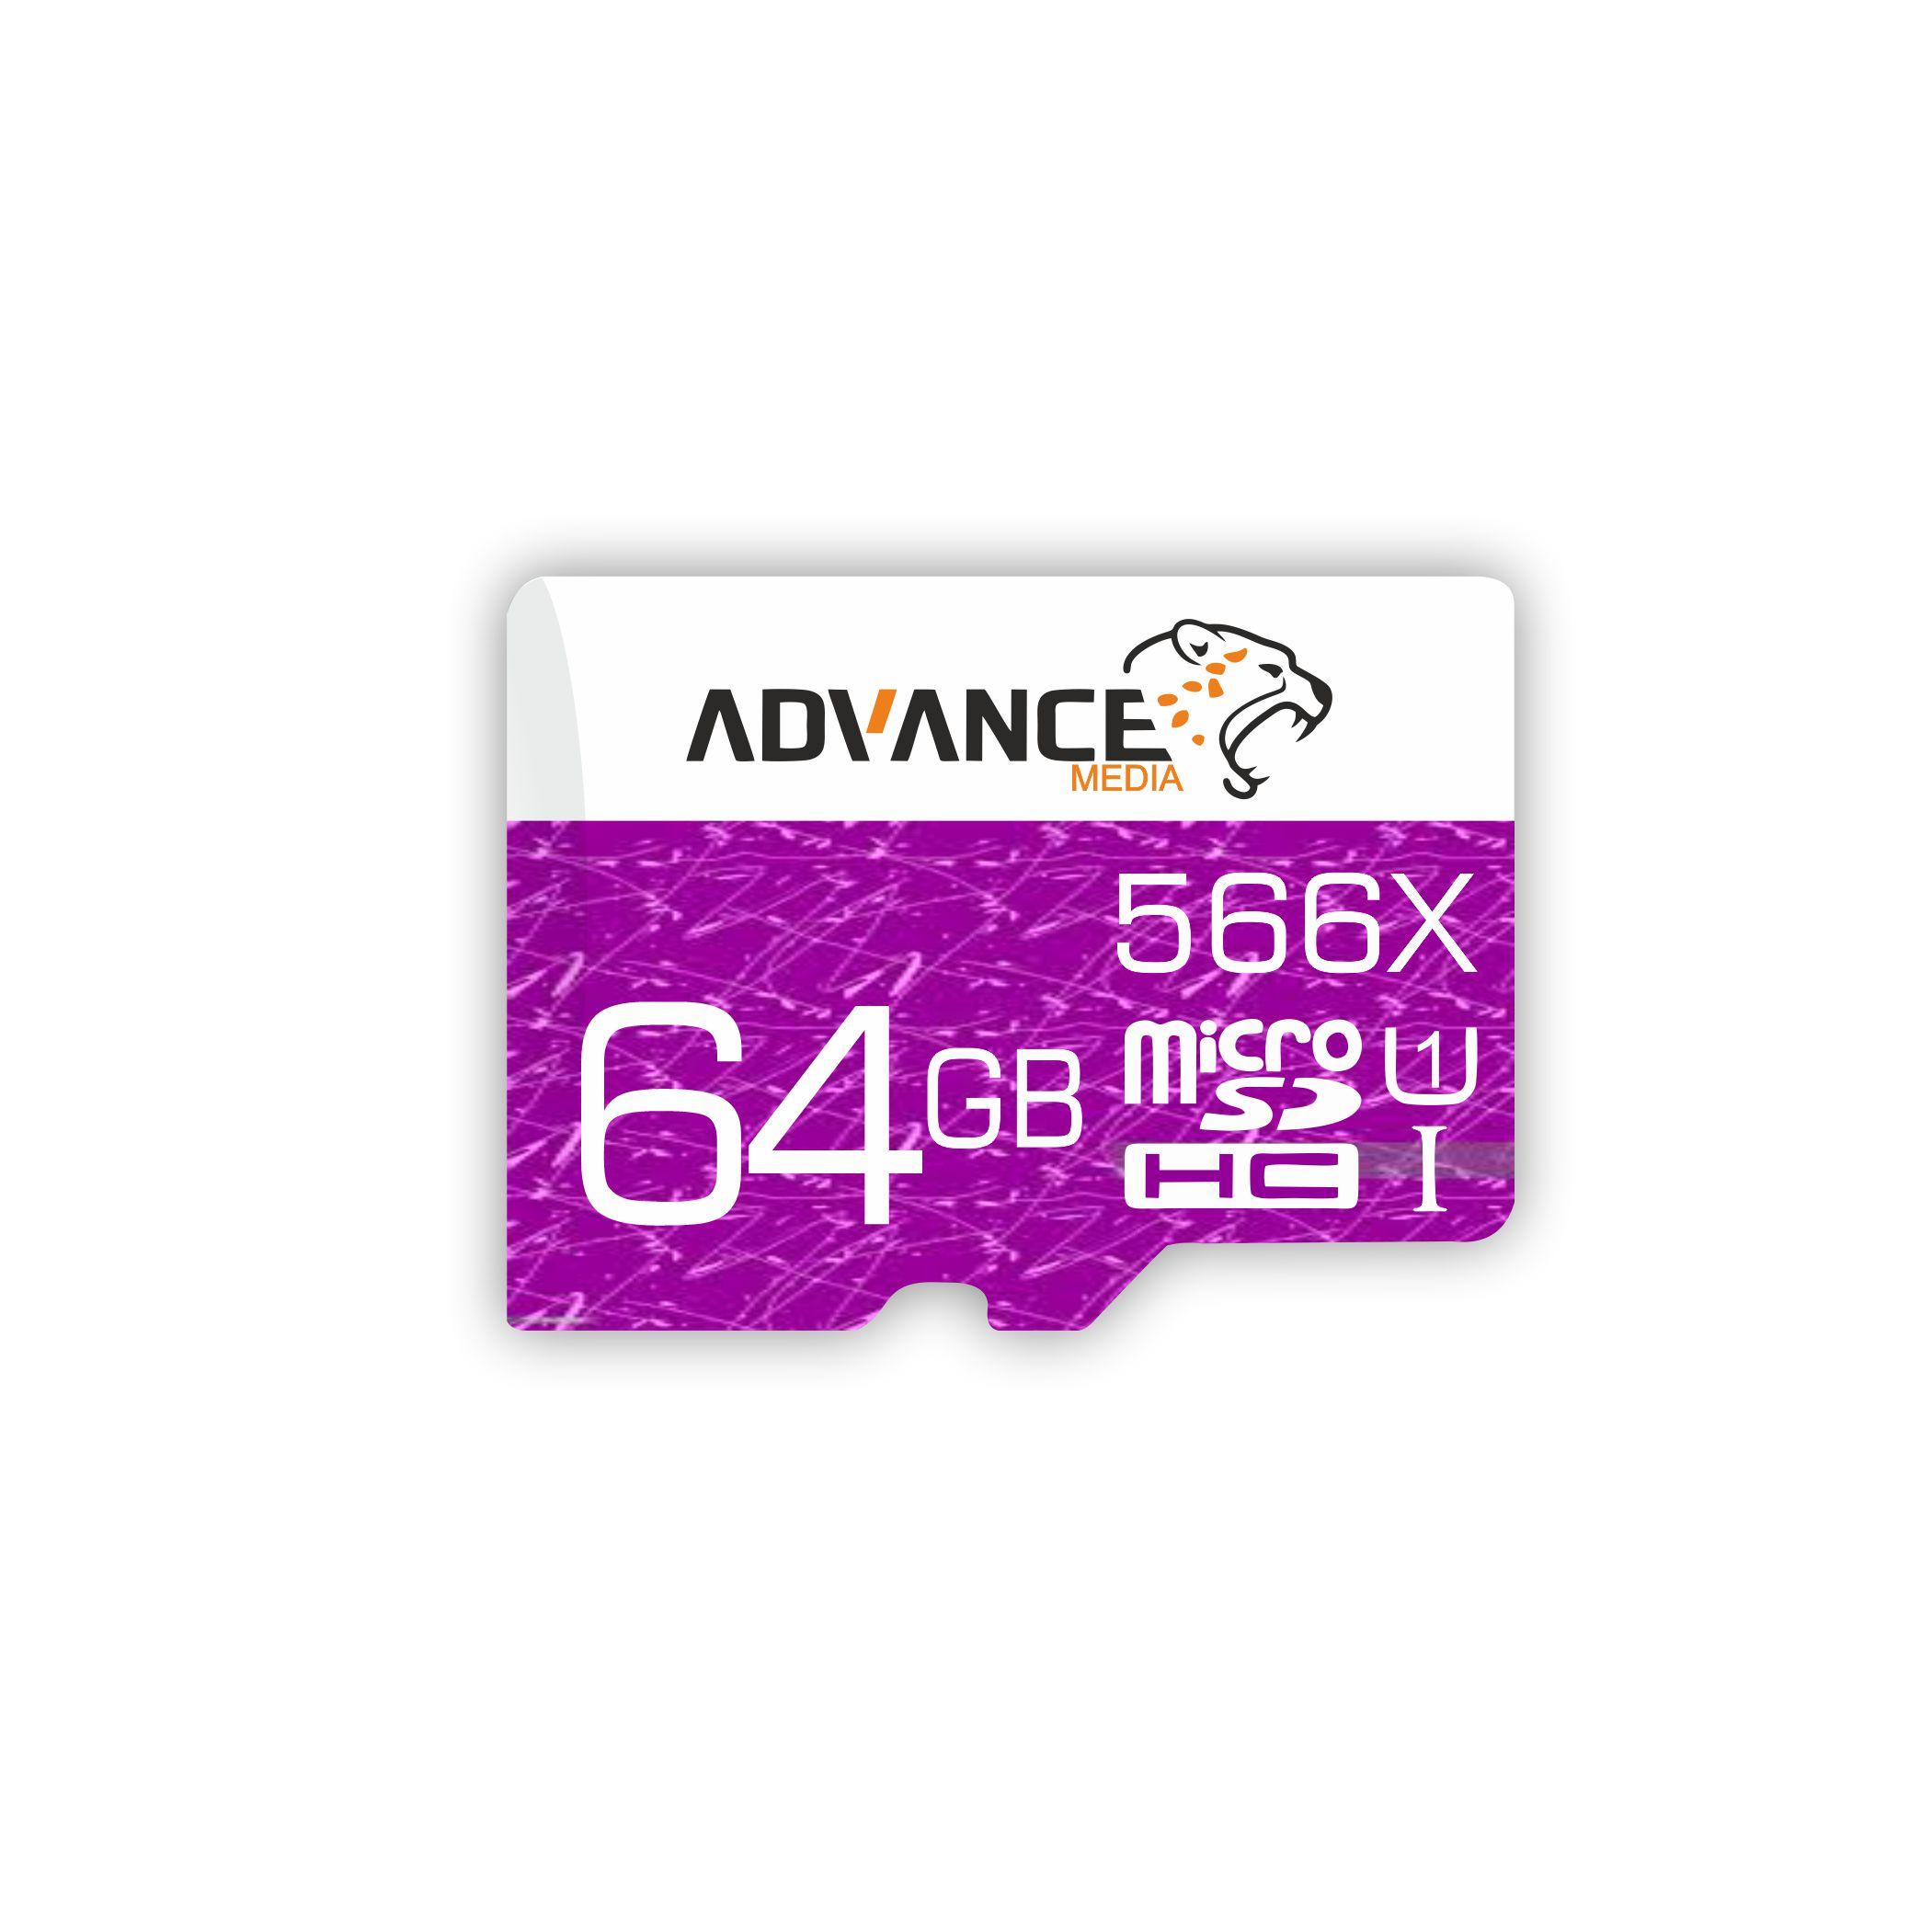 کارت حافظه microSDHC ادونس مدل 566X کلاس 10 استاندارد UHS-I U1 سرعت 85MBps ظرفیت 64 گیگابایت